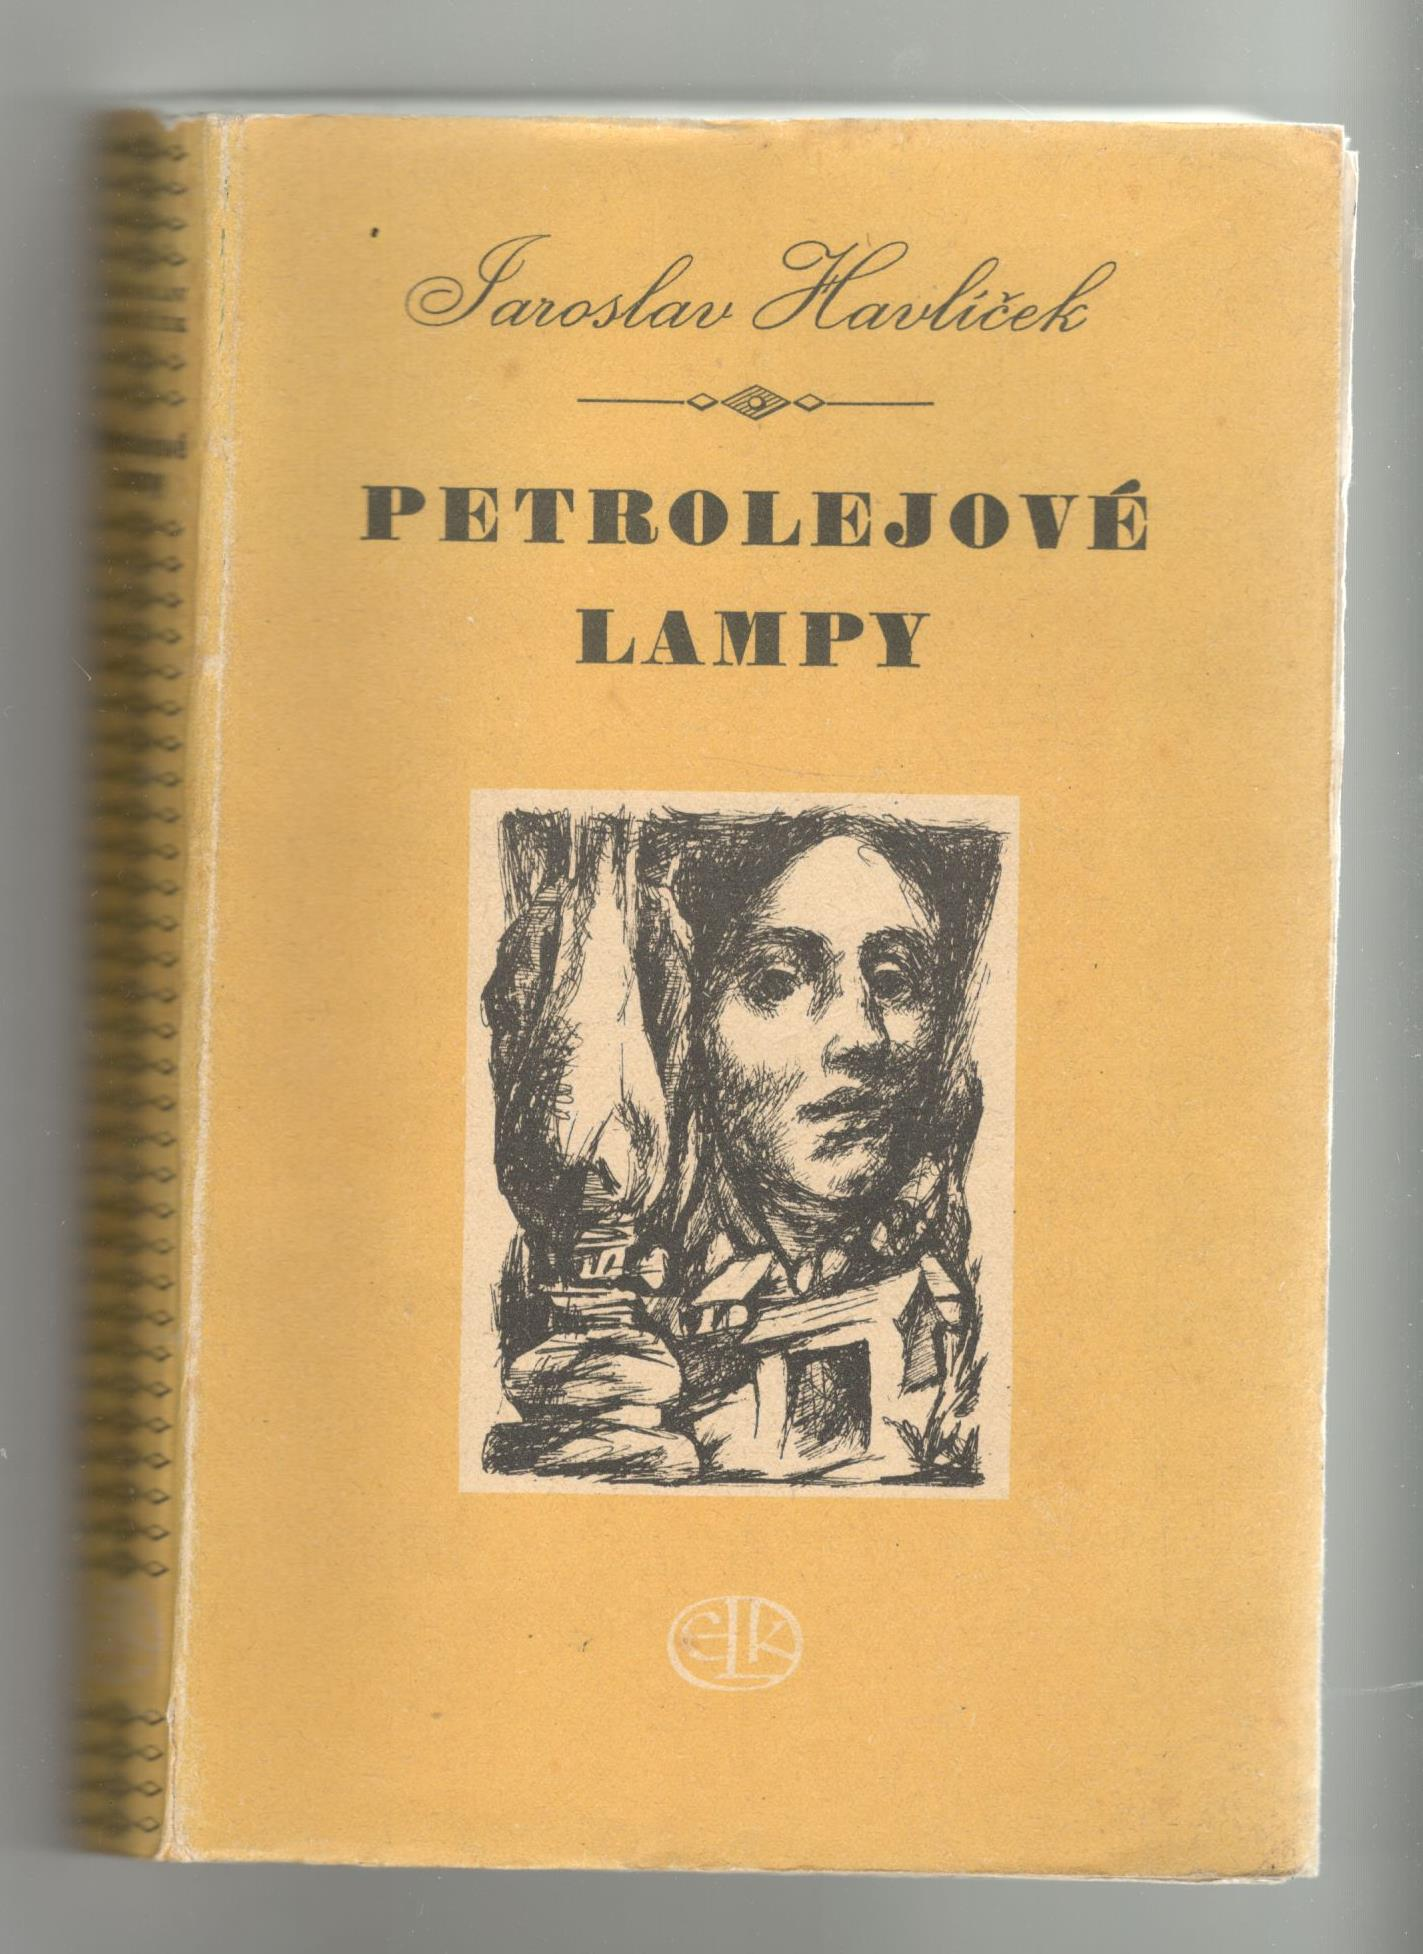 Petrolejové lampy - Jaroslav Havlíček